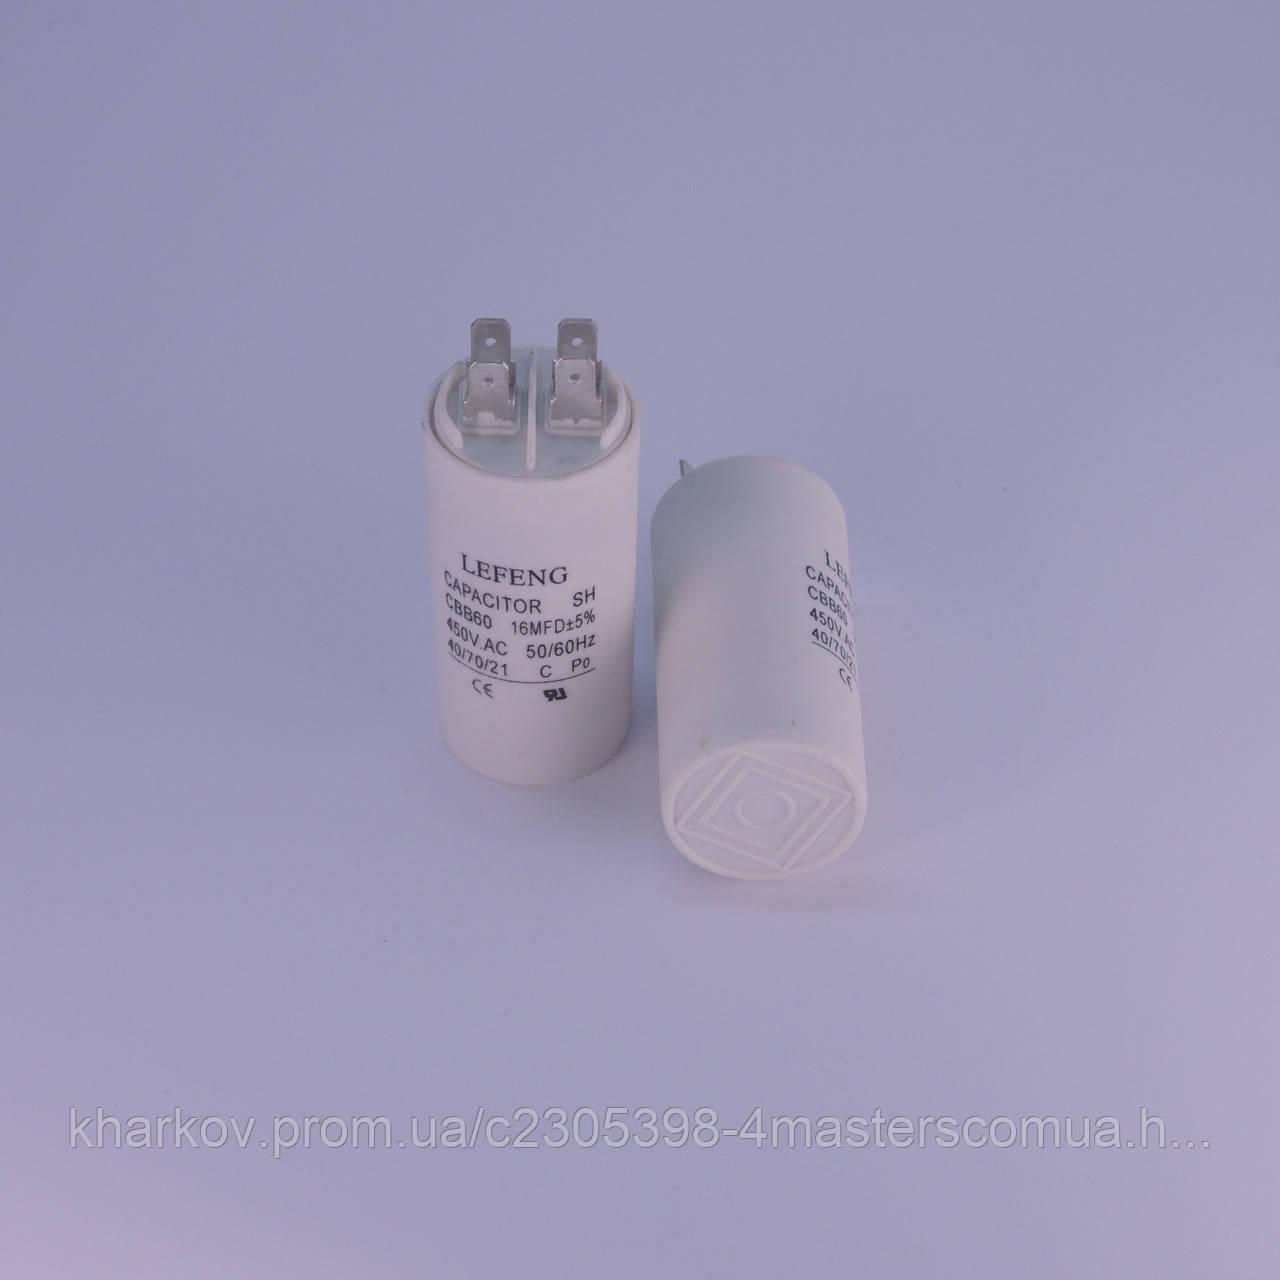 Конденсатор 16 мкФ/ 450 В, рабочий /пусковой для электродвигателя